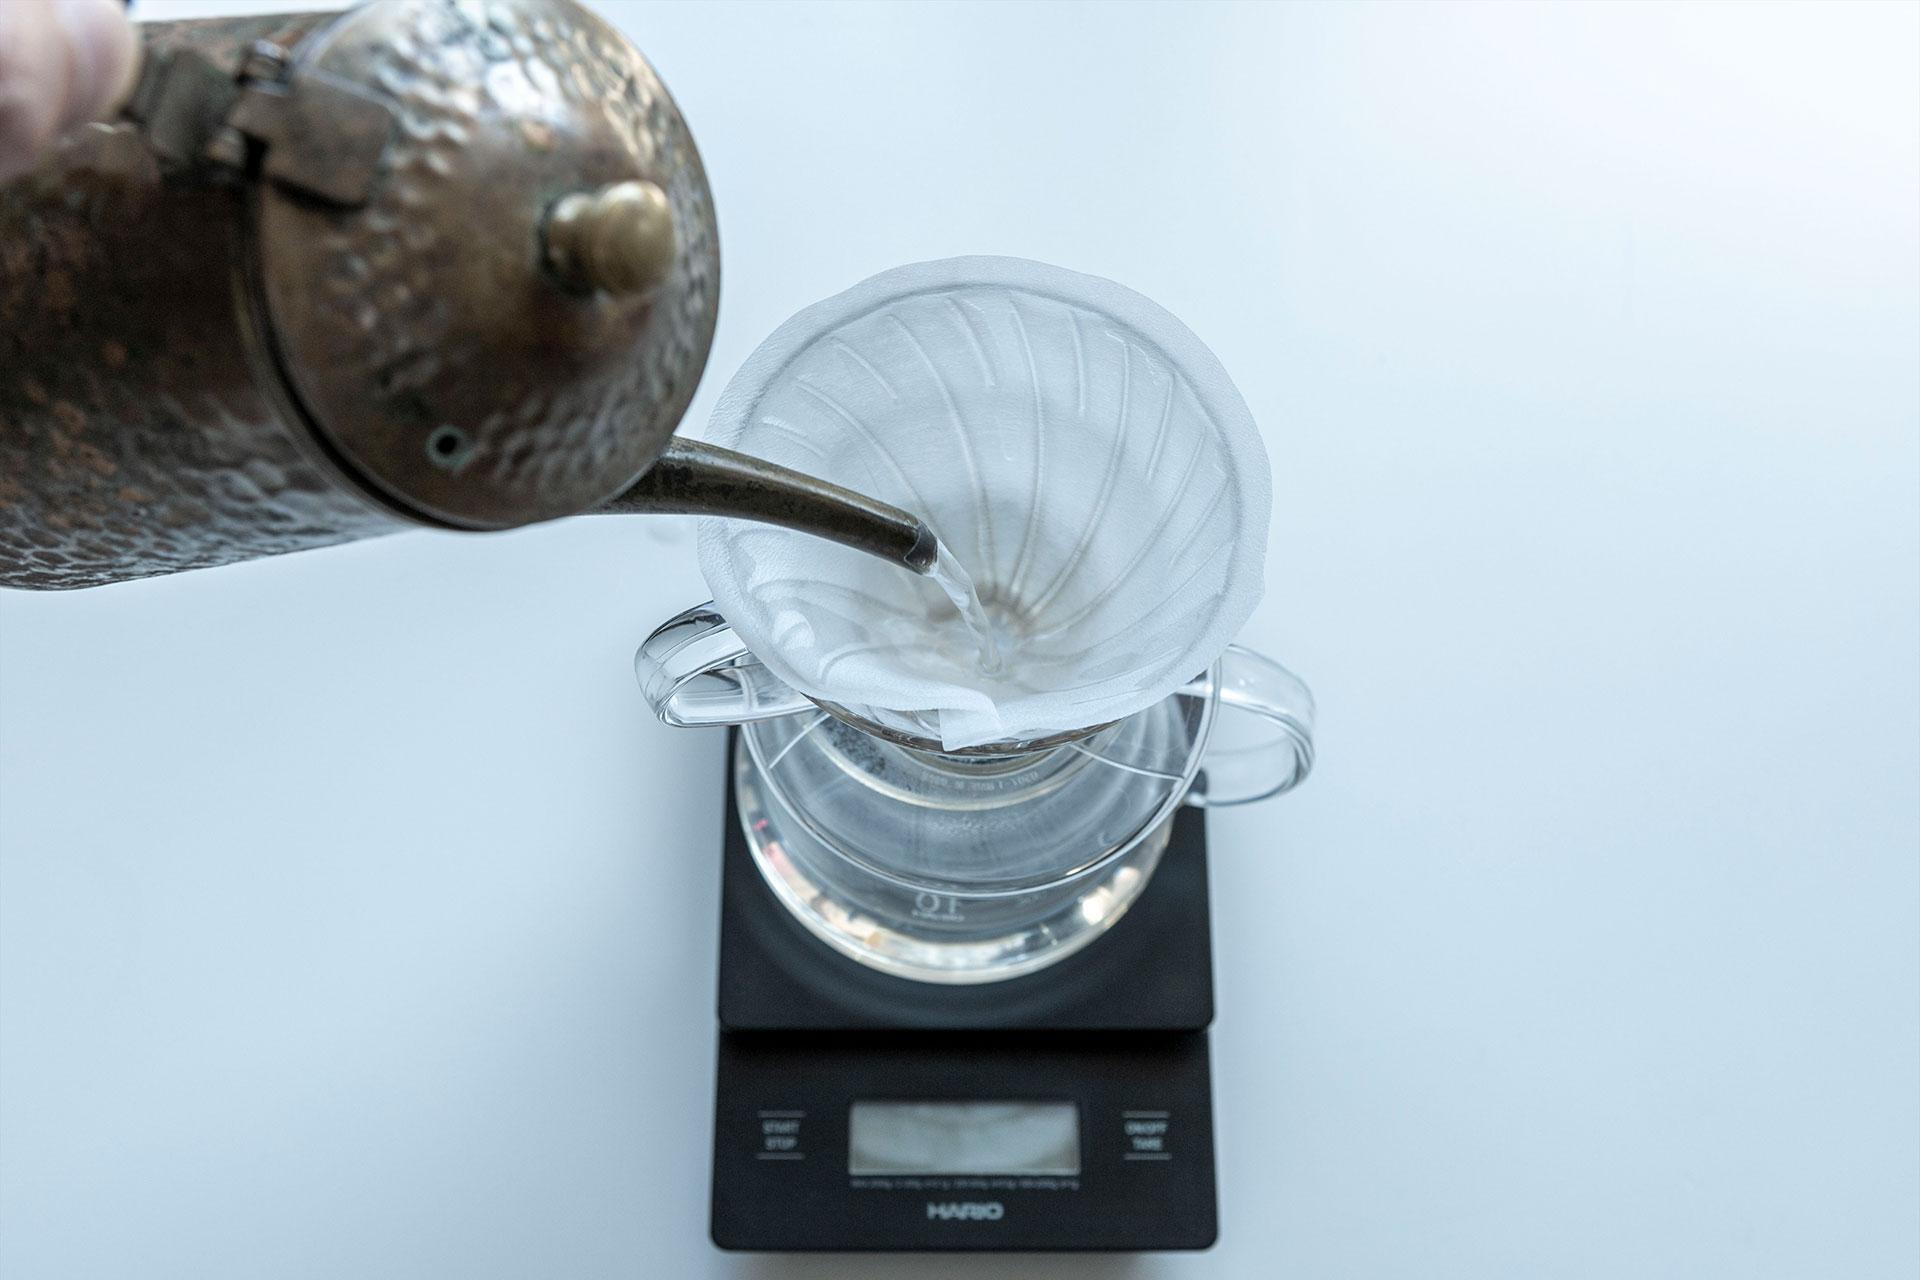 ペーパーをドリッパーにセットして、粉を入れる前にお湯で濡らしておきます。